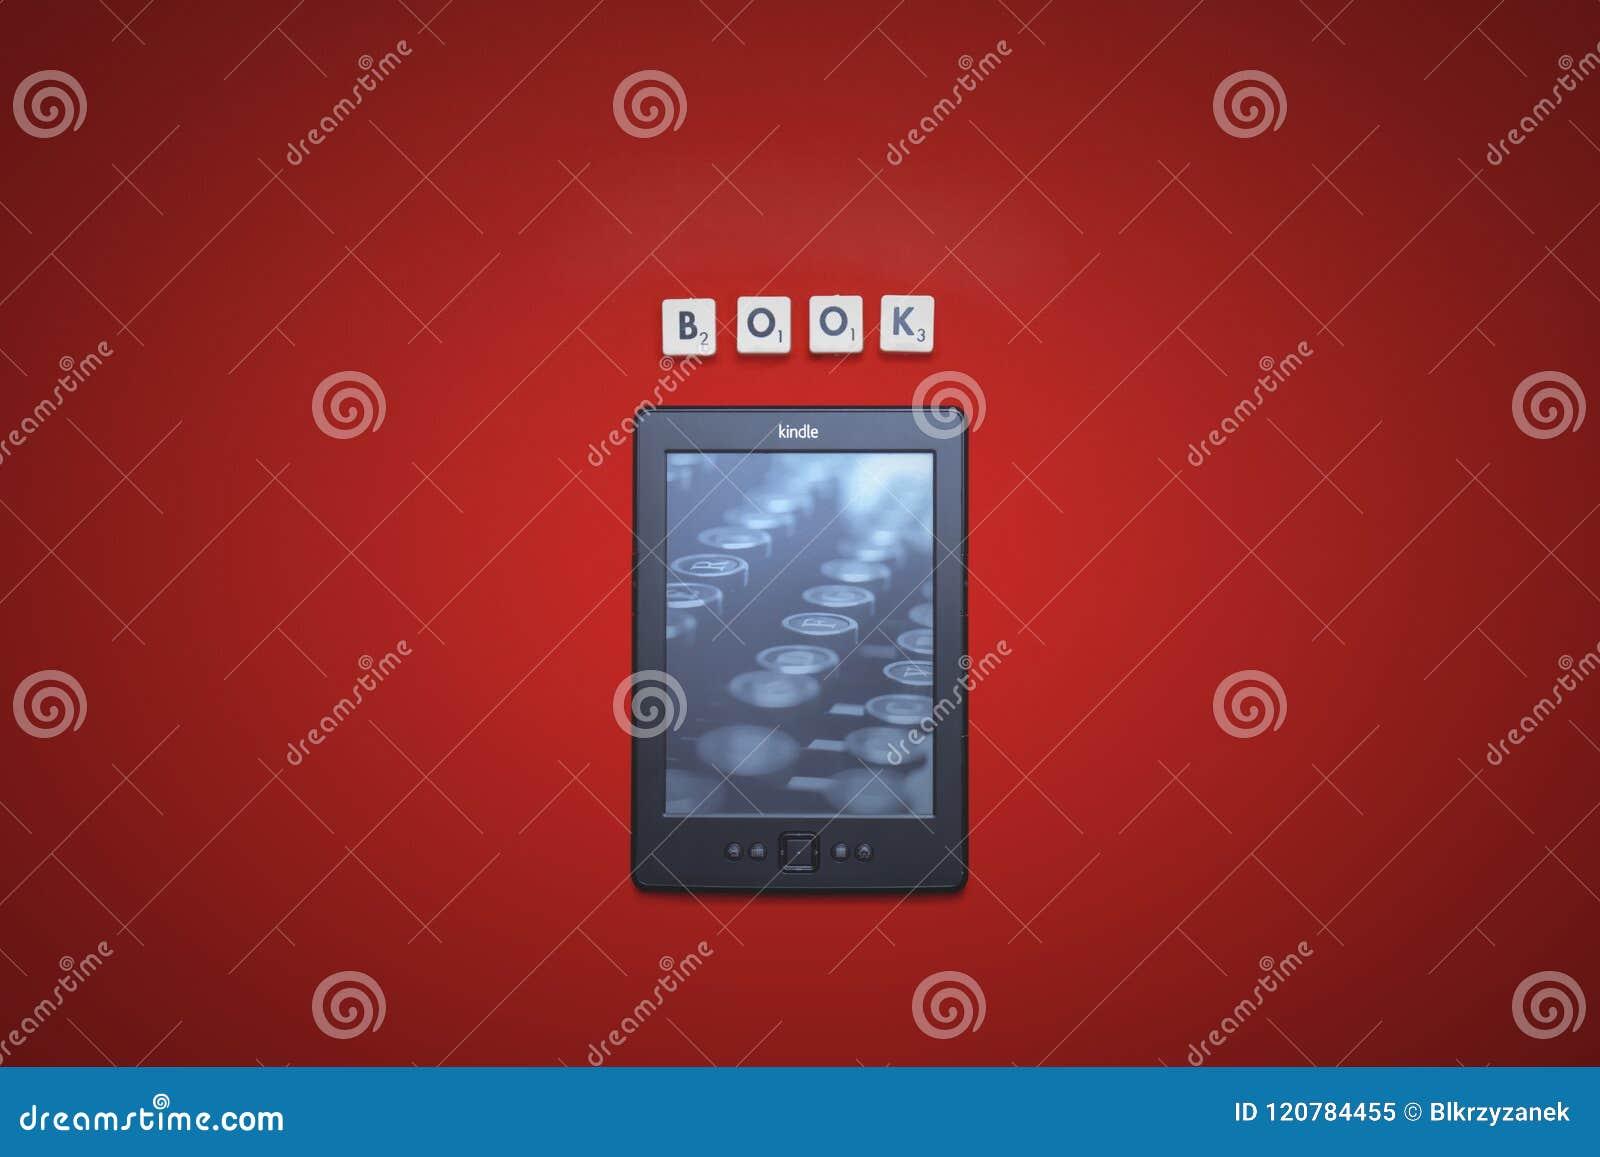 Opalenica, Polonia - 07 23 2016: Lector electrónico Amazon Kindle Classic 4 del libro, en un fondo rojo con la inscripción